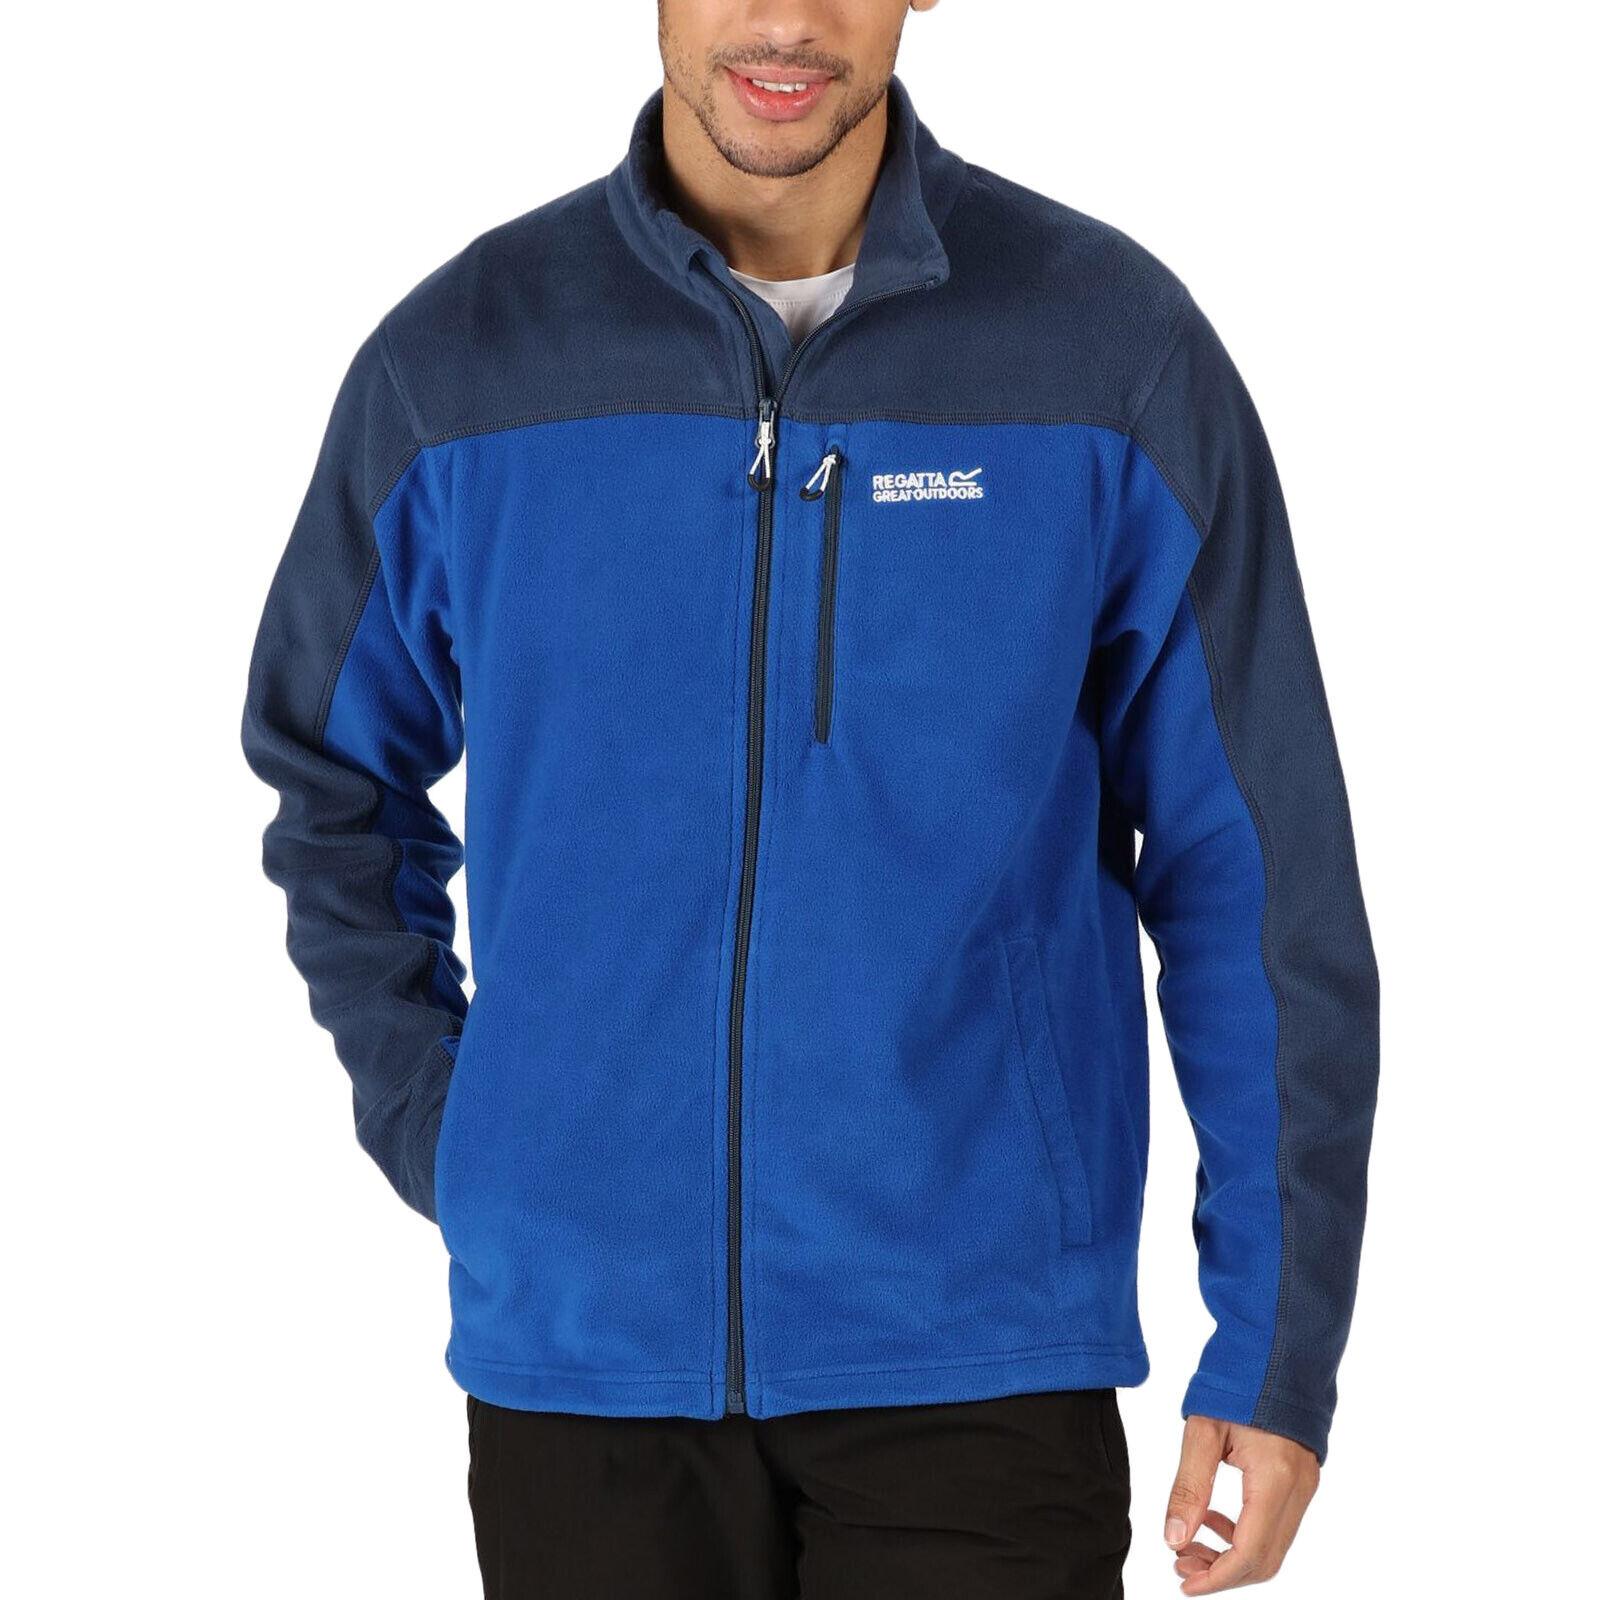 Regatta Mens Fellard Lightweight Outdoor Walking Fleece Jacket - Nautical Blue